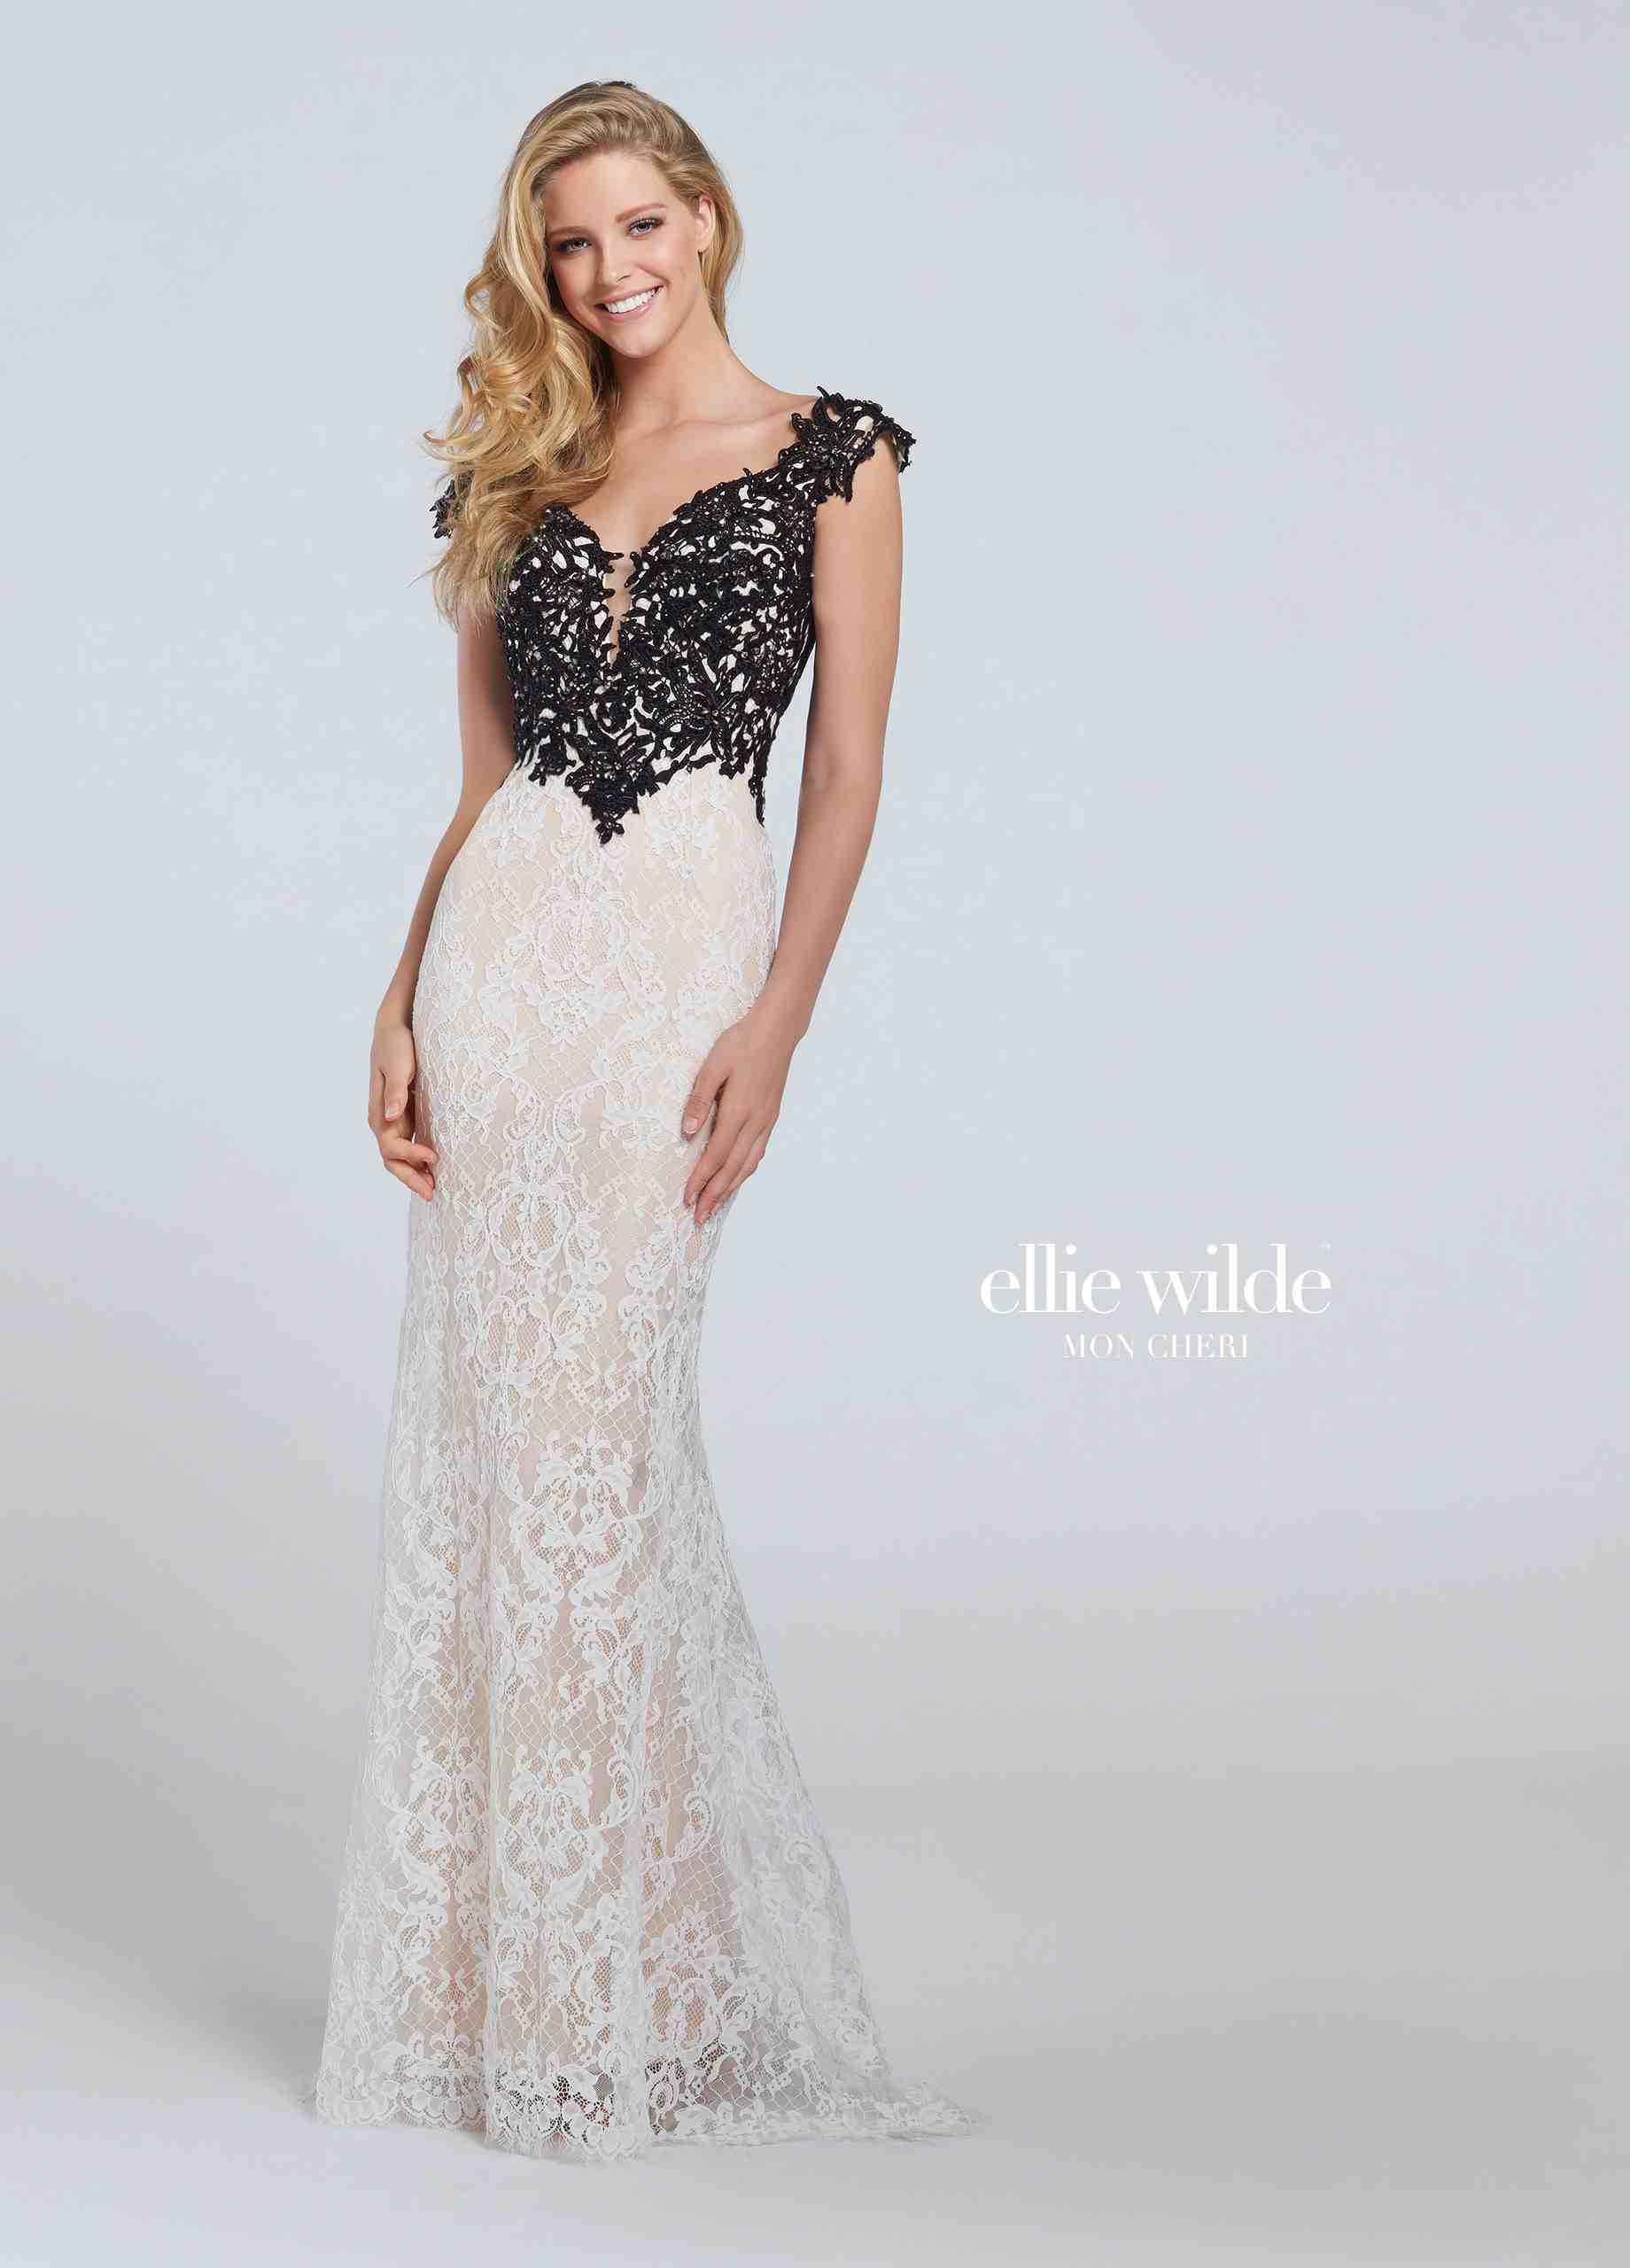 Yeni 2019 Nişan Elbisesi Modelleri